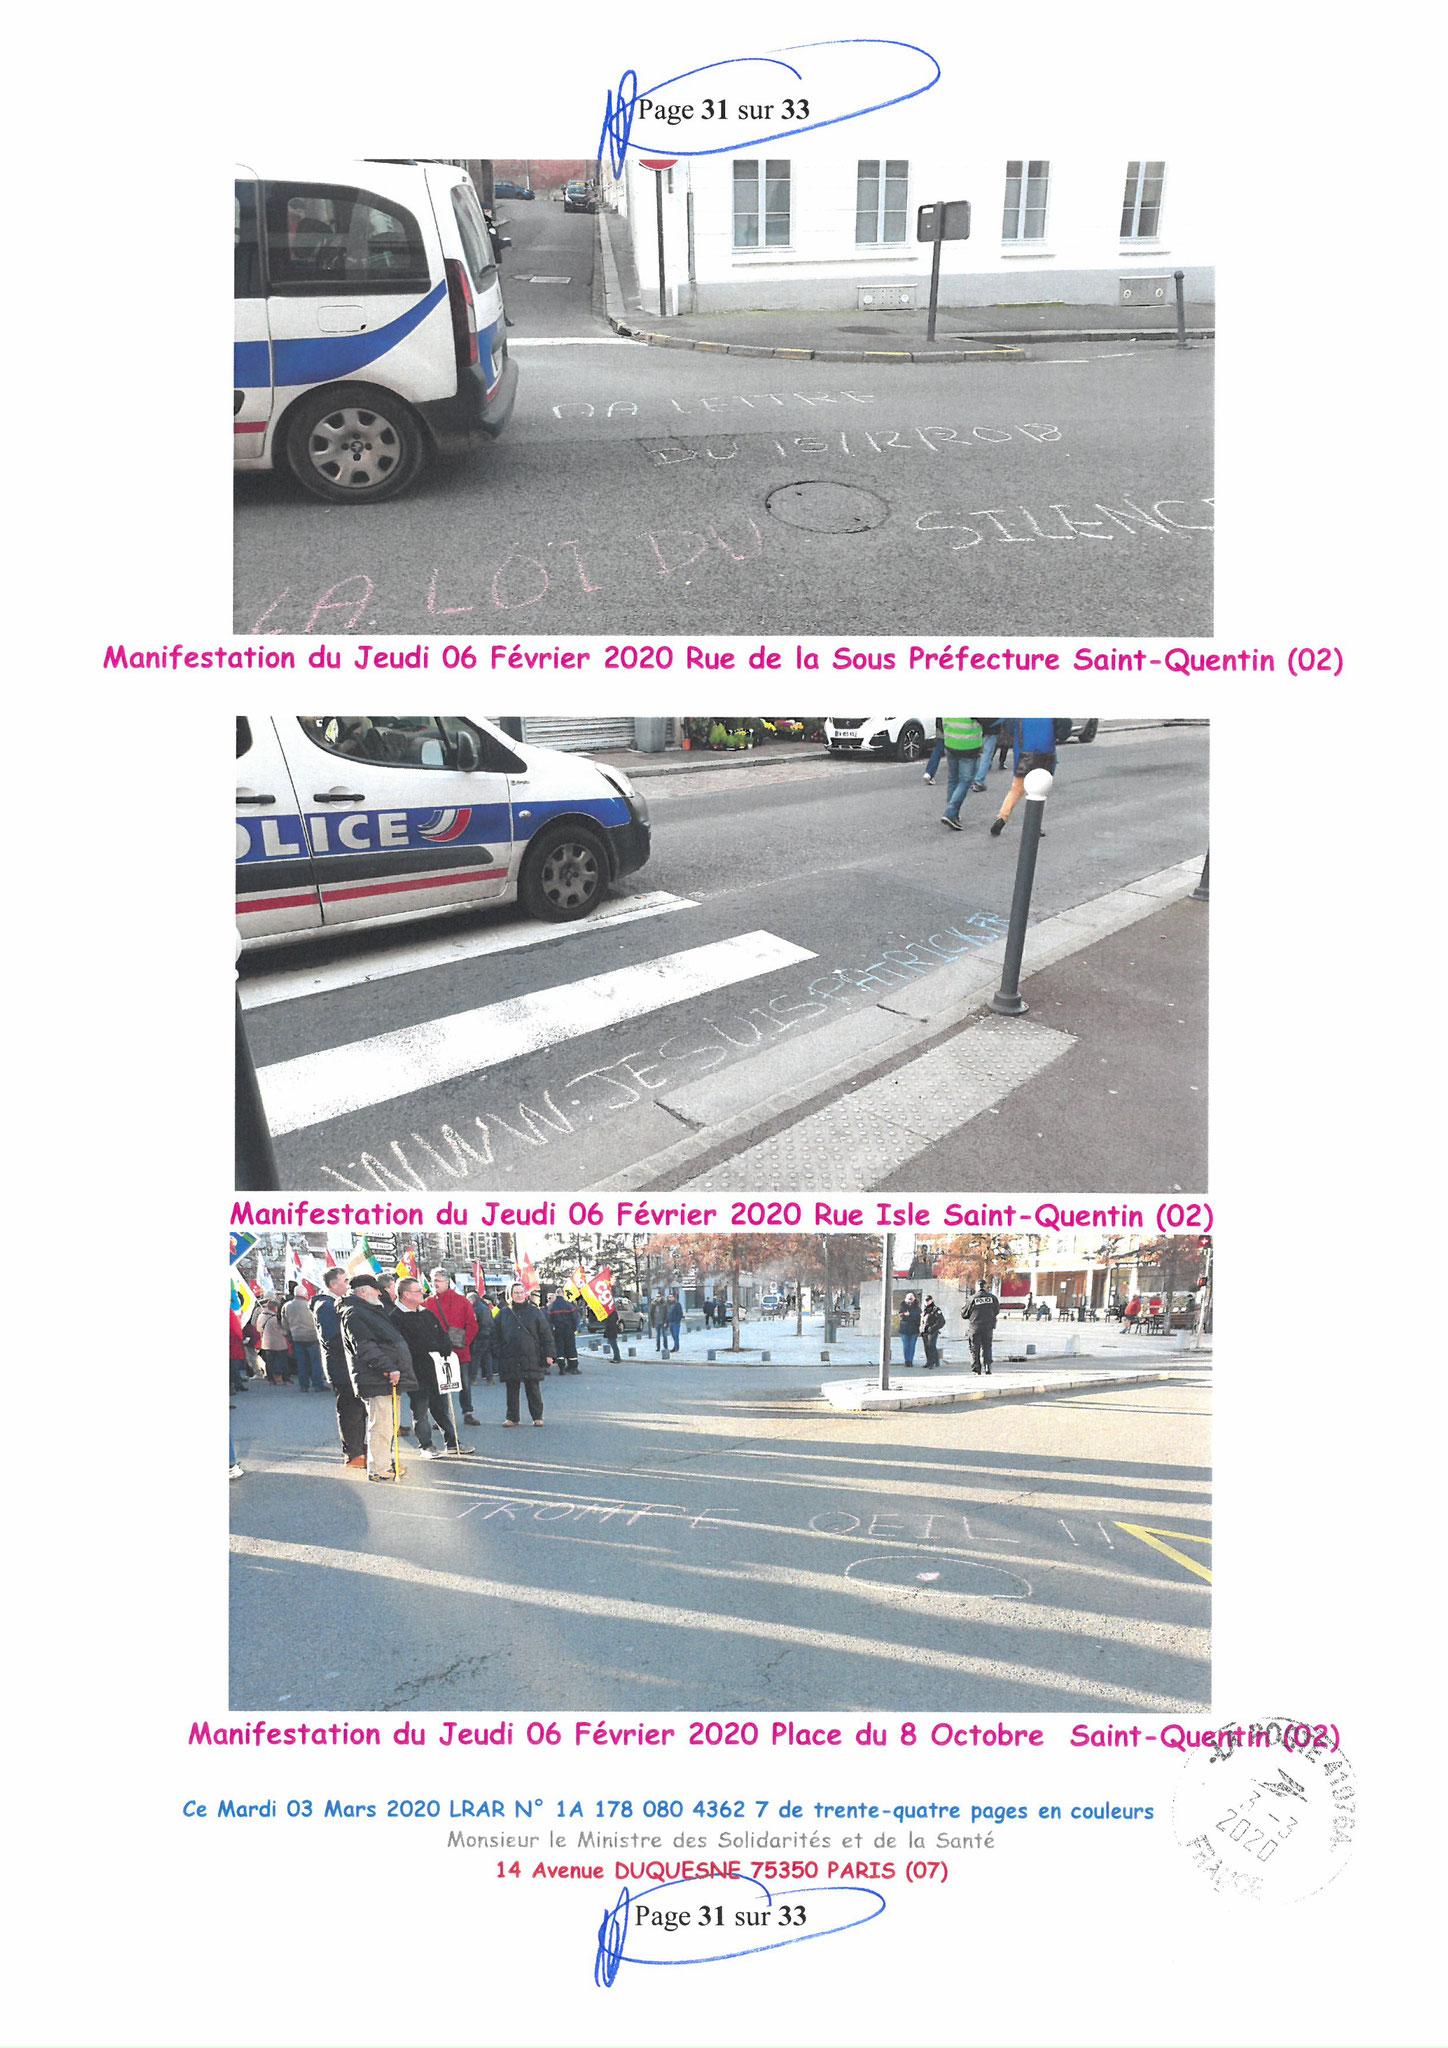 Page 31 sur 33 Ma lettre recommandée N0 1A 178 080 4362 7 du 03 Mars 2020 à Monsieur Olivier VERAN le Ministre de la Santé et des Solidarités www.jesuispatrick.fr www.jesuisvictime.fr www.alerte-rouge-france.fr